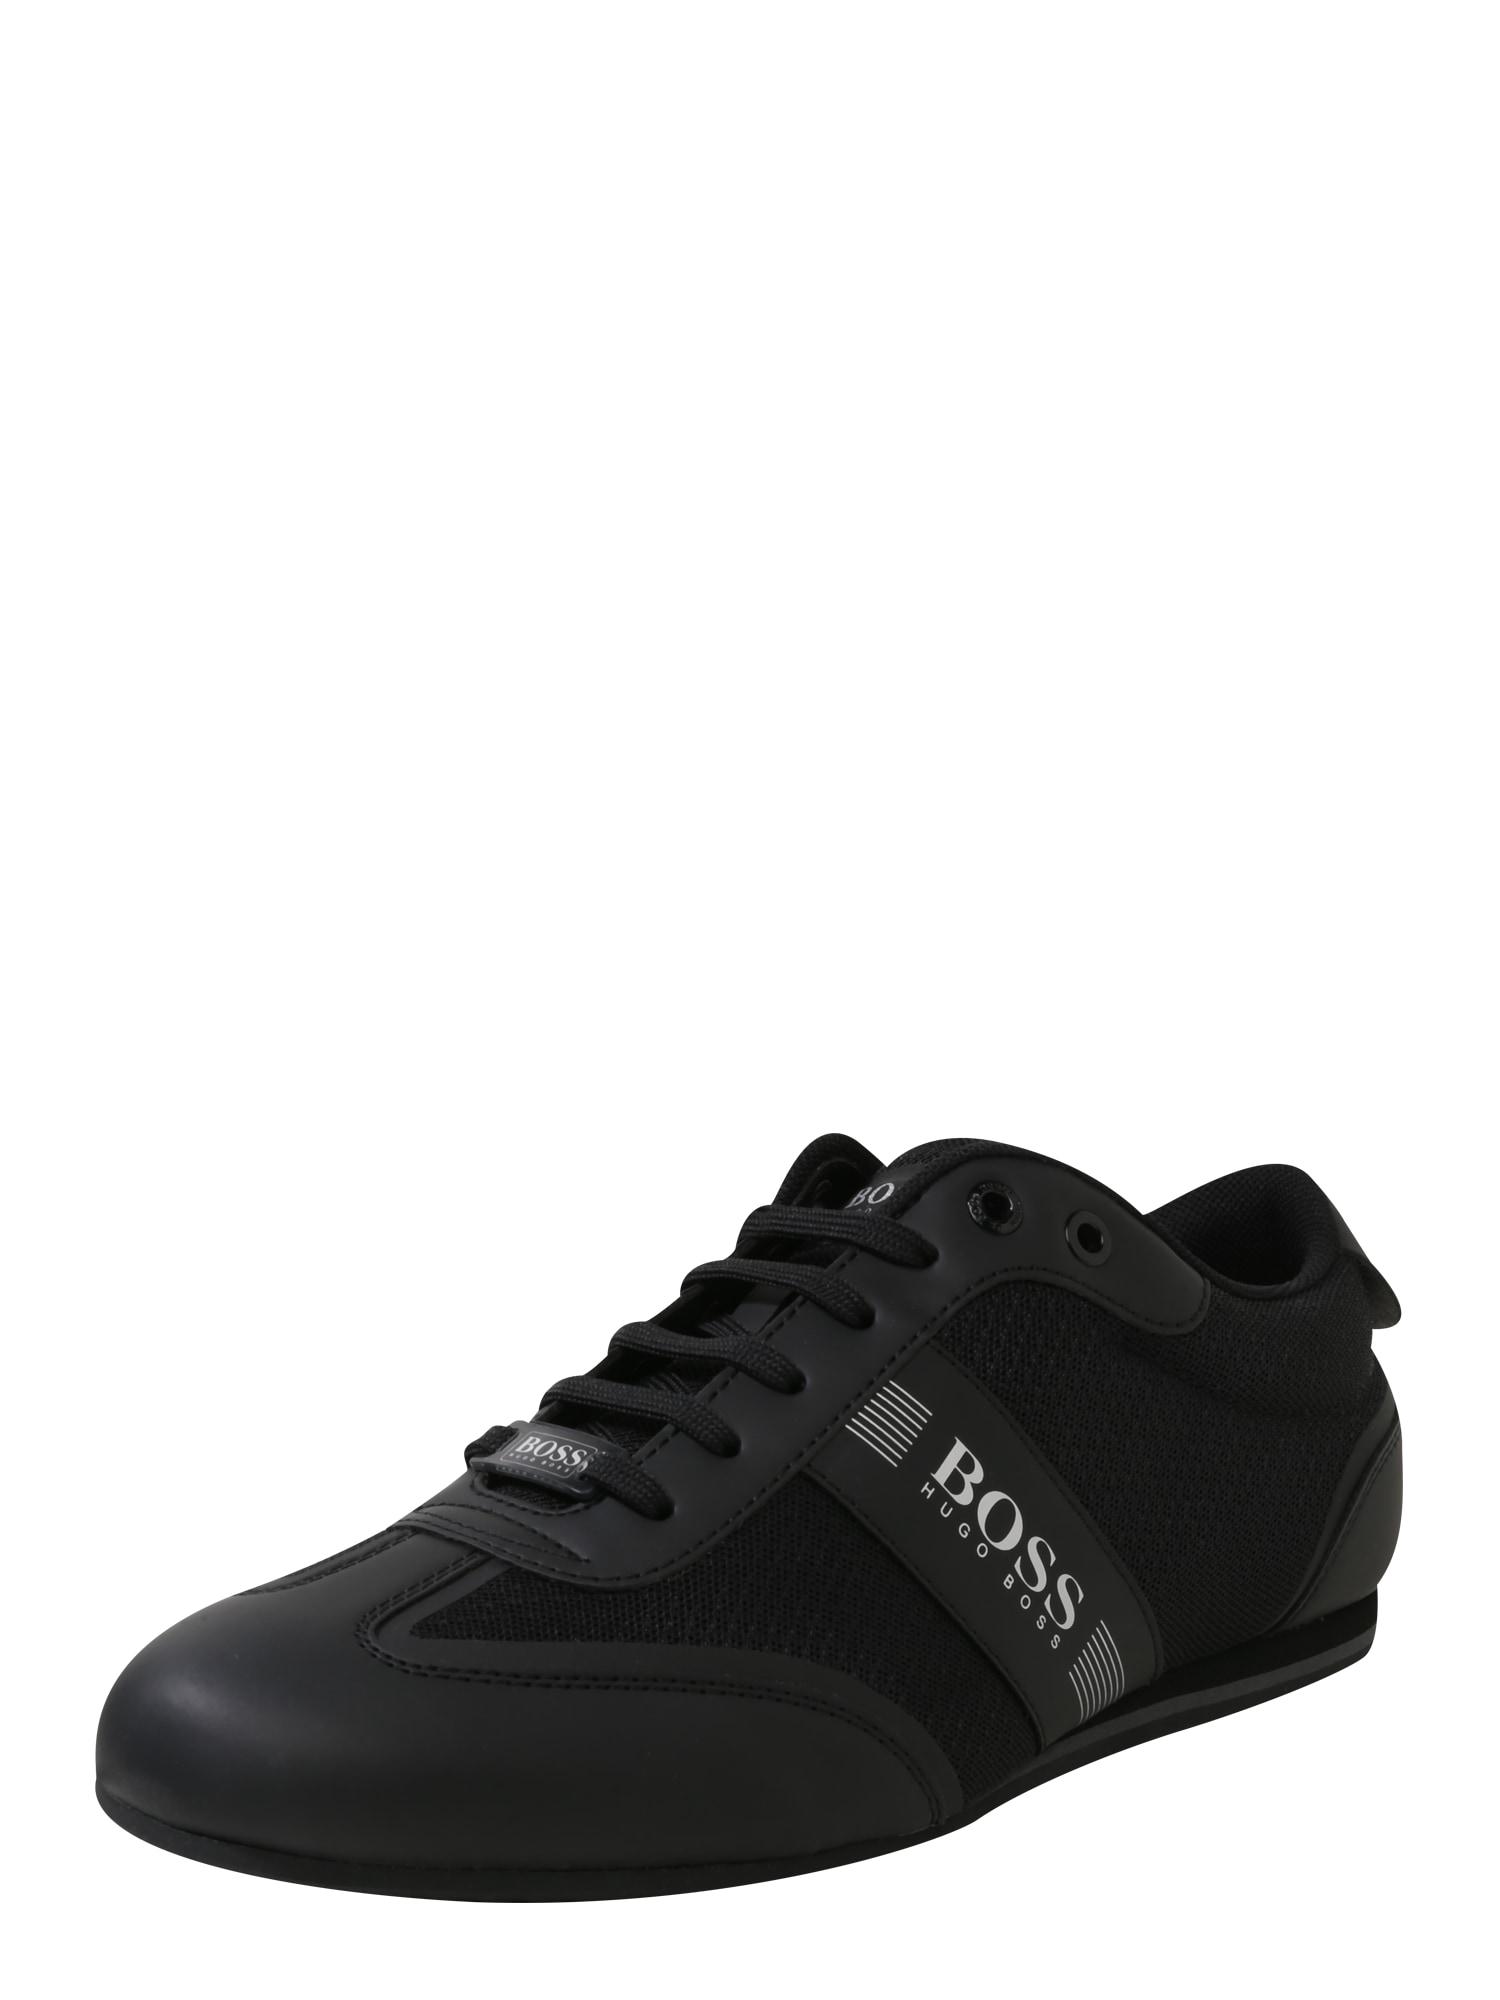 Sportovní šněrovací boty Ligter černá BOSS